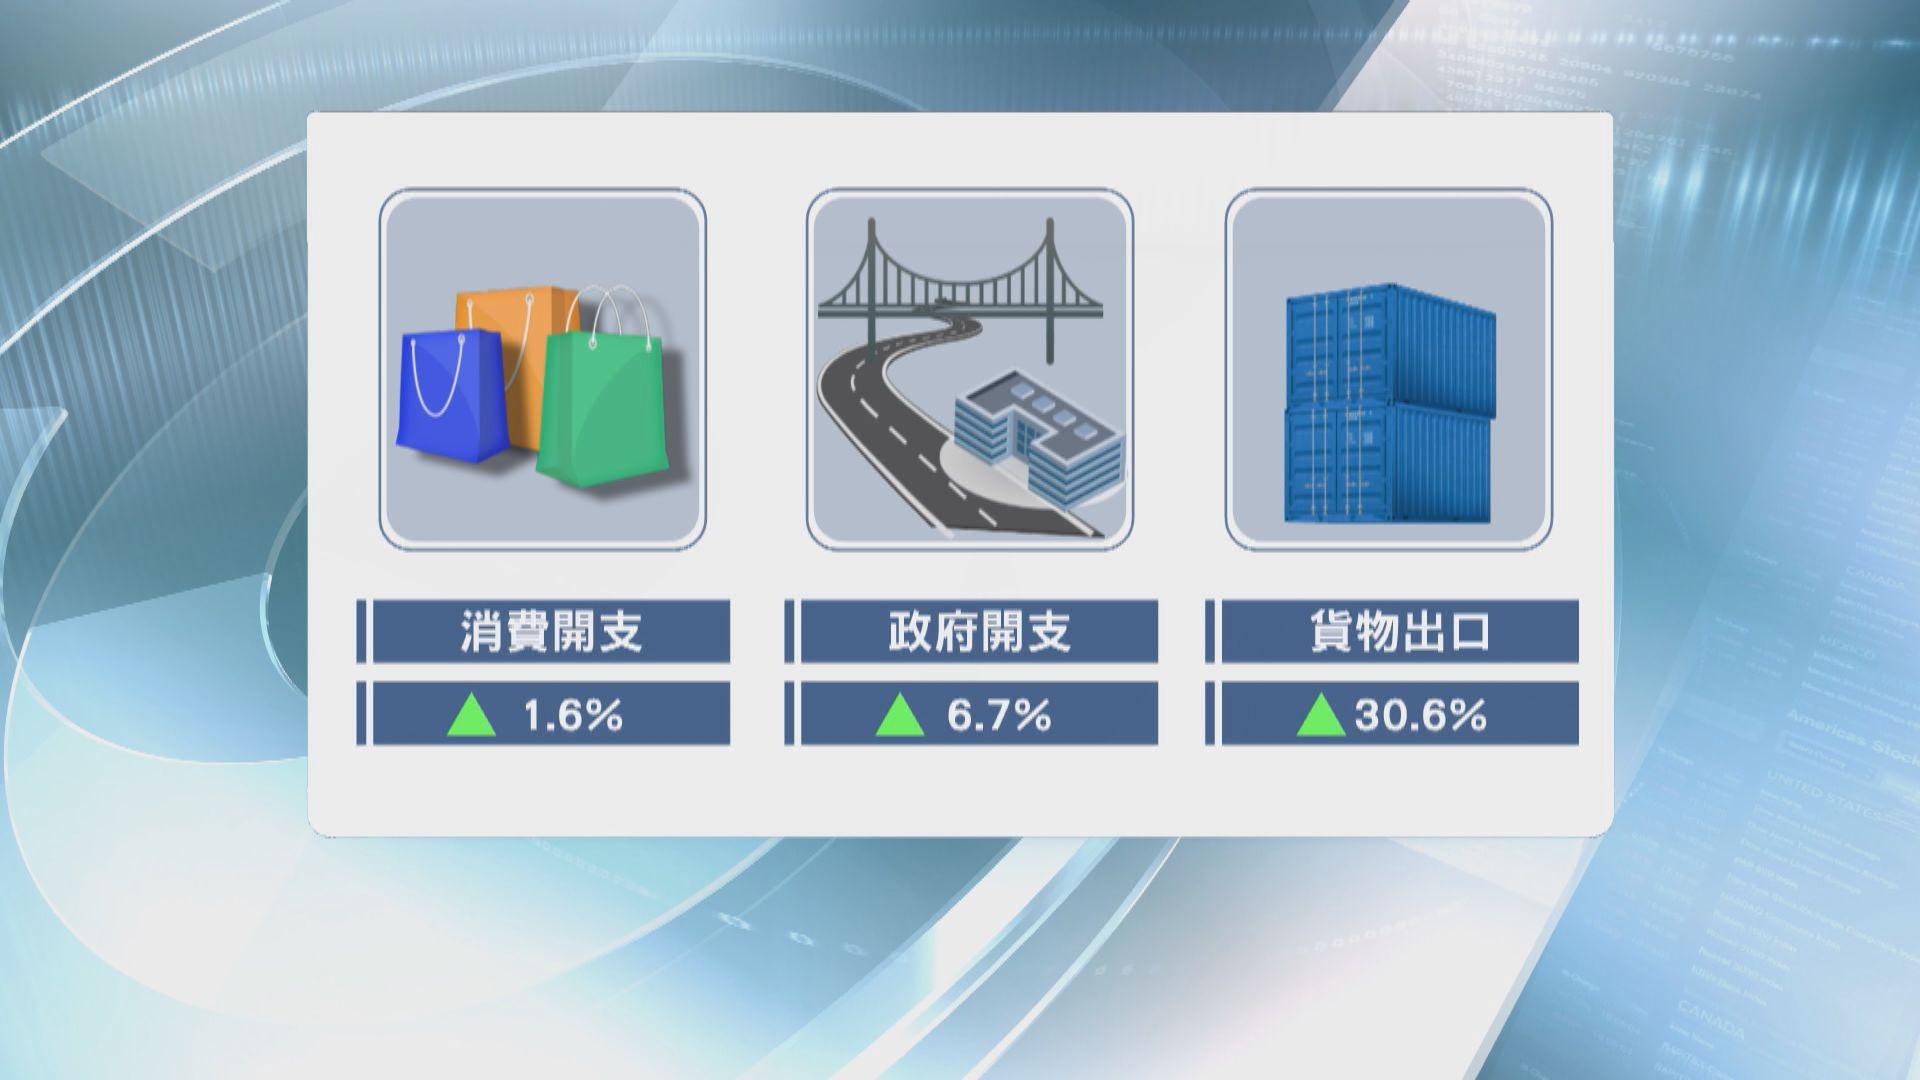 本港首季經濟增長7.8% 經濟師對前景有分歧